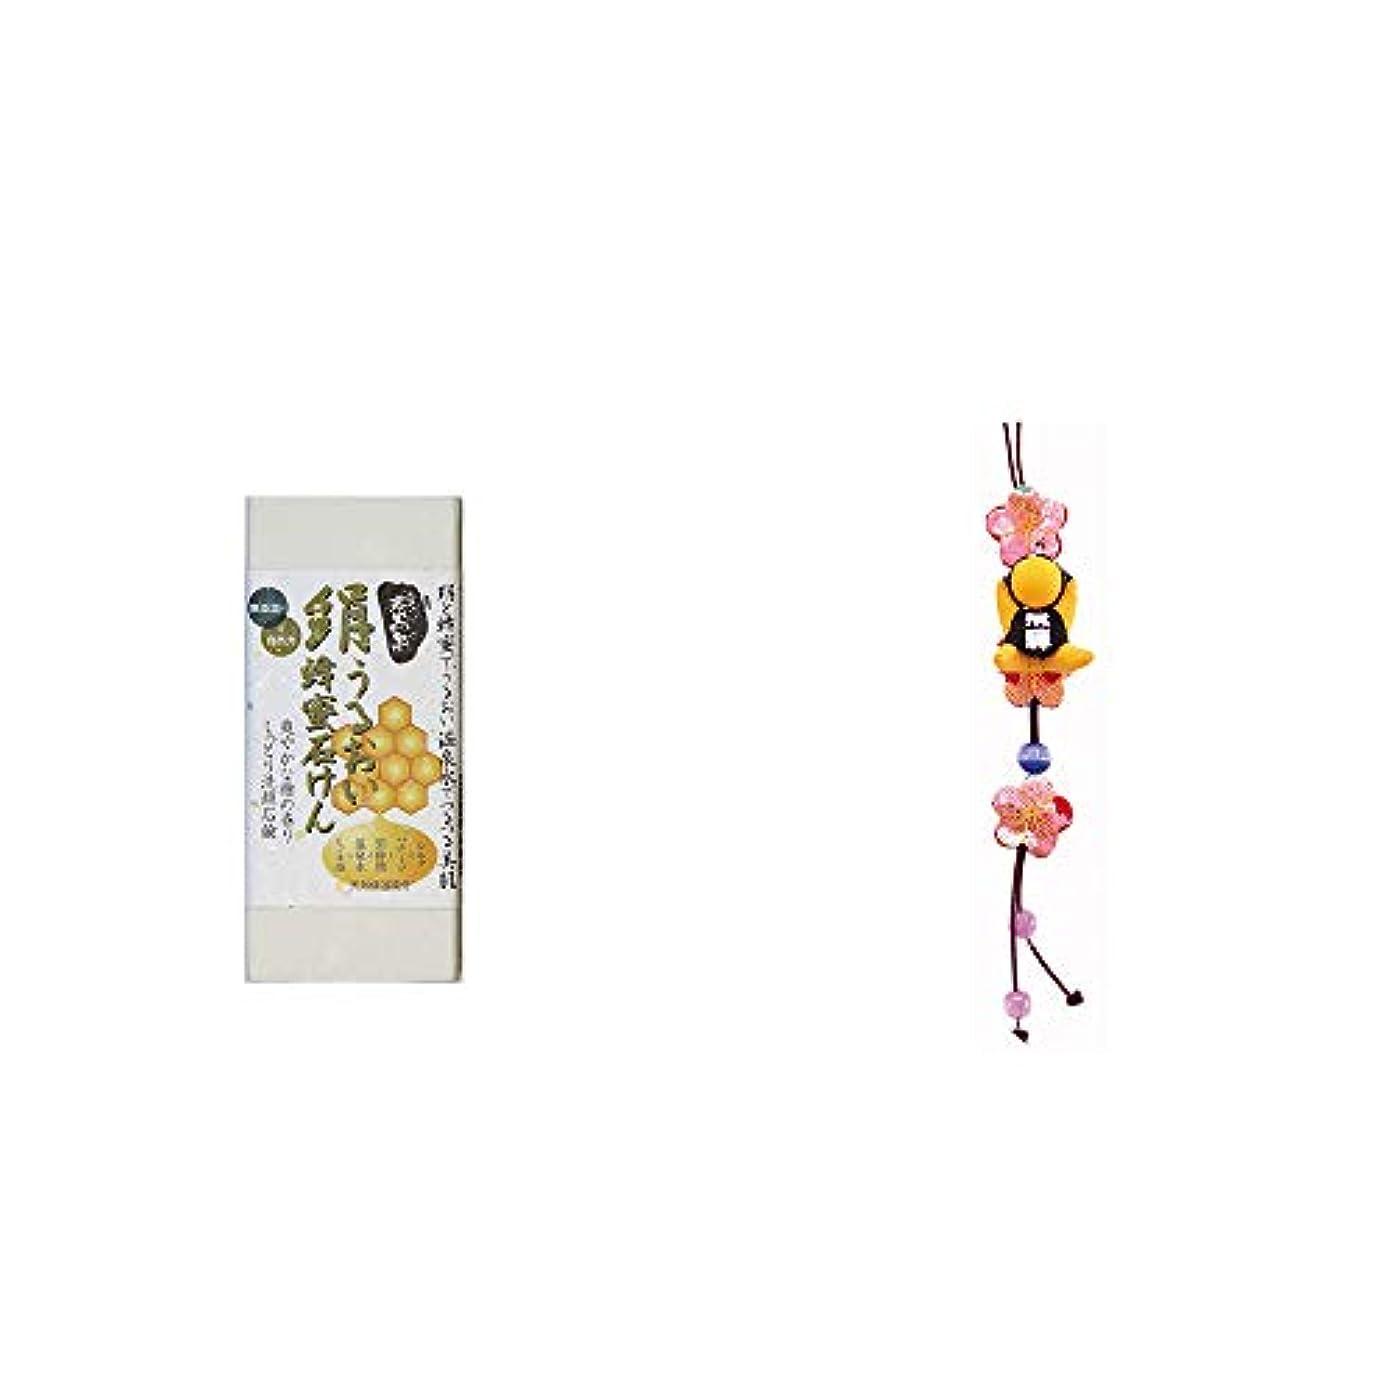 飲料アルカイック素晴らしいです[2点セット] ひのき炭黒泉 絹うるおい蜂蜜石けん(75g×2)?豆さるぼぼ 和風ストラップ【黄】/ 縁結び?魔除け //